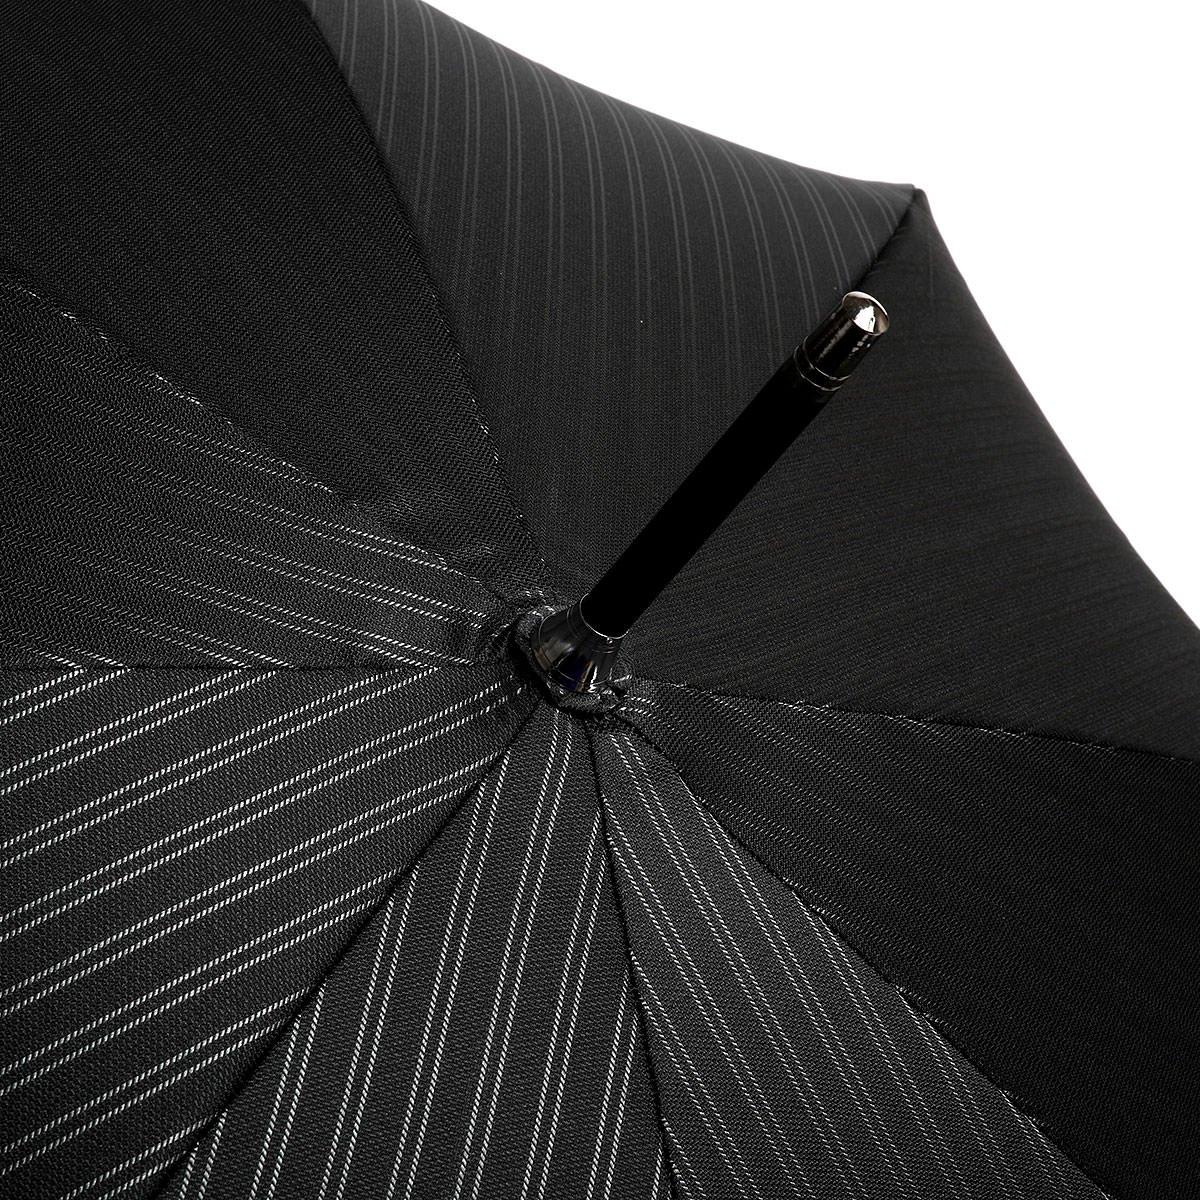 【セール】ダブルストライプ 長傘 詳細画像7